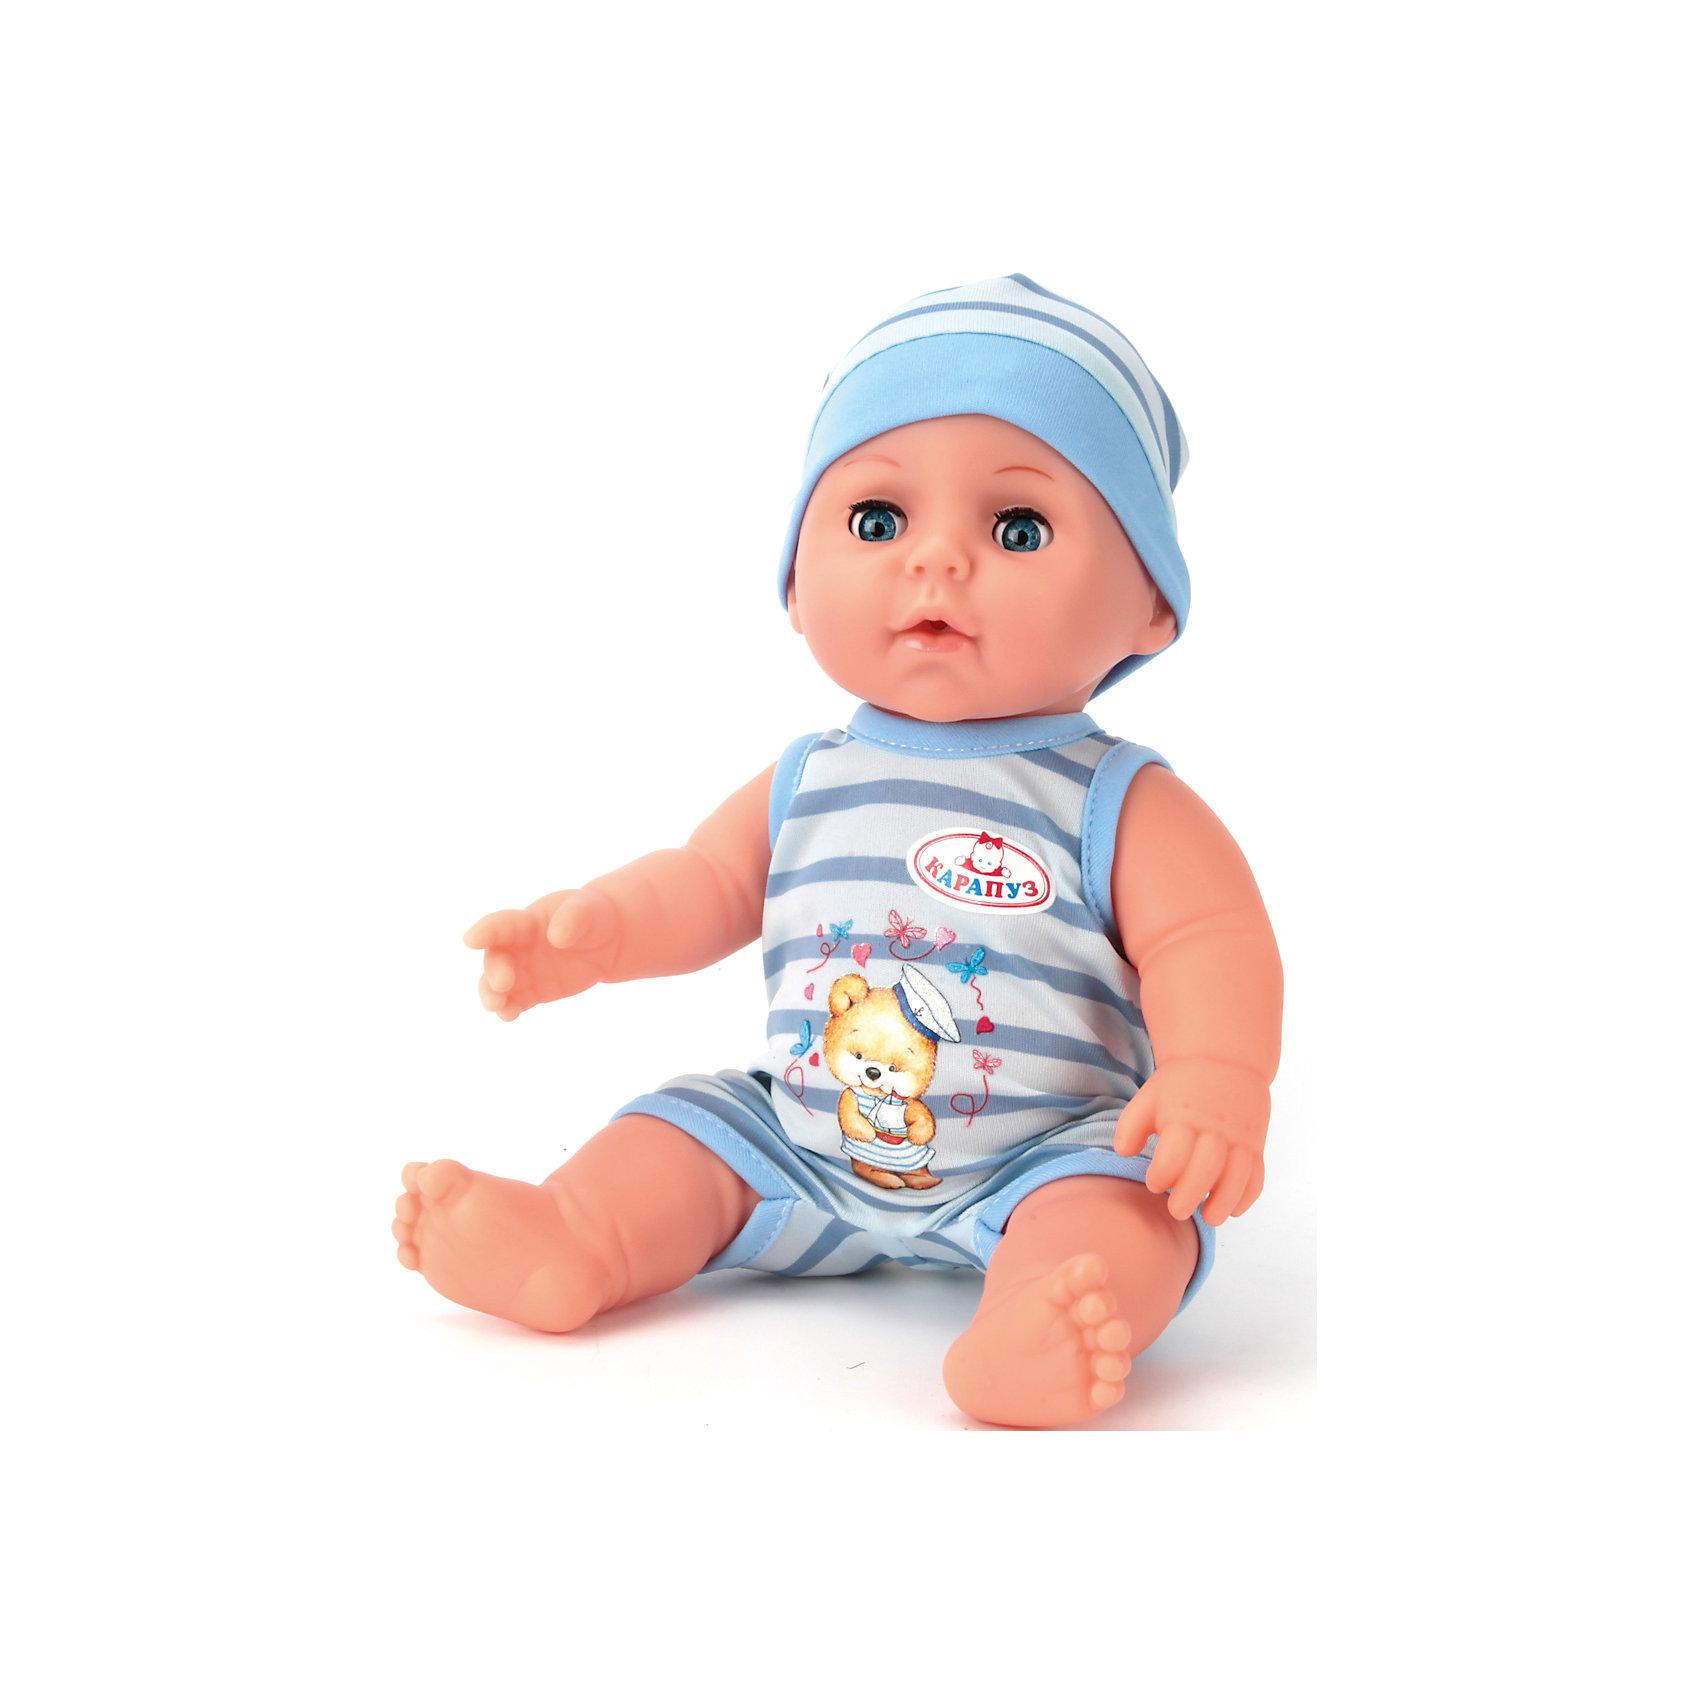 Пупс, 30 см, 3 функции, пьет и писает, КарапузИнтерактивные куклы<br><br><br>Ширина мм: 300<br>Глубина мм: 150<br>Высота мм: 270<br>Вес г: 800<br>Возраст от месяцев: 36<br>Возраст до месяцев: 60<br>Пол: Унисекс<br>Возраст: Детский<br>SKU: 6848820